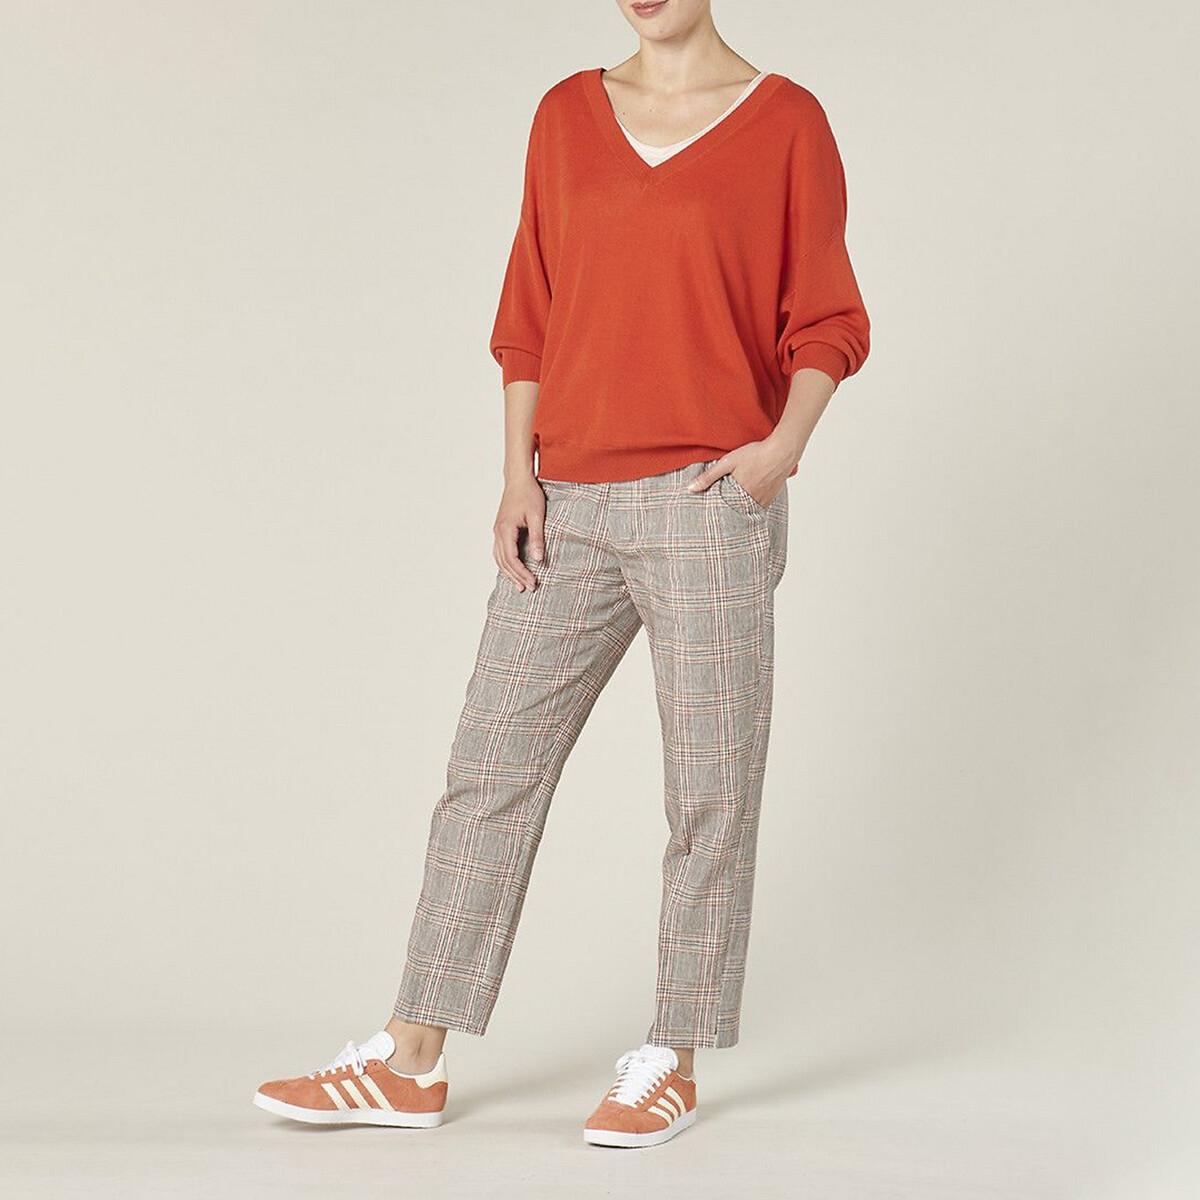 Пуловер La Redoute С V-образным вырезом из тонкого трикотажа FLAURA 3(L) бежевый пуловер la redoute с v образным вырезом из тонкого витого трикотажа m каштановый